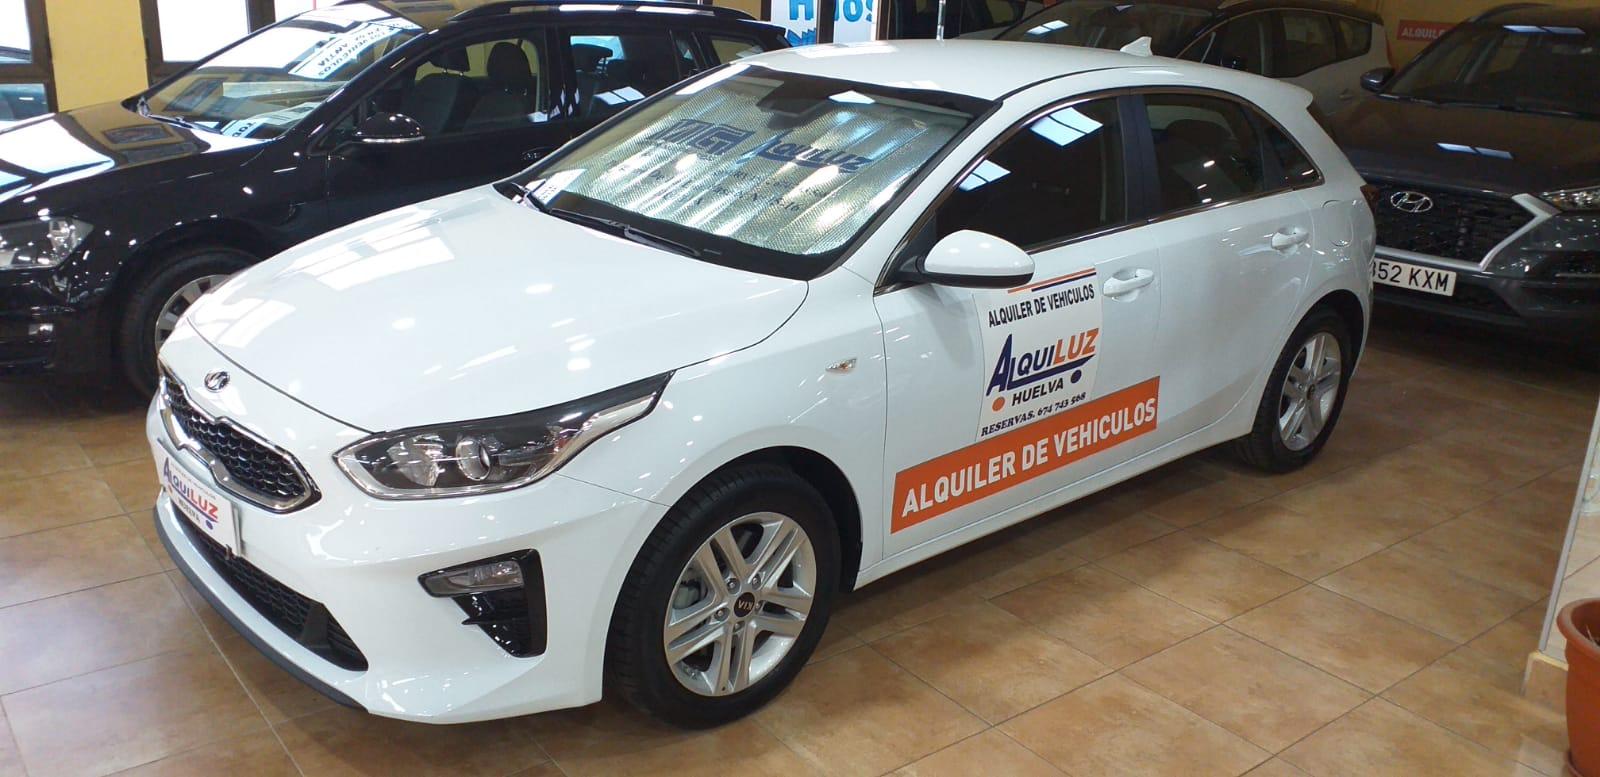 Alquiler de vehículos Gama Alta en Alquiluz Huelva